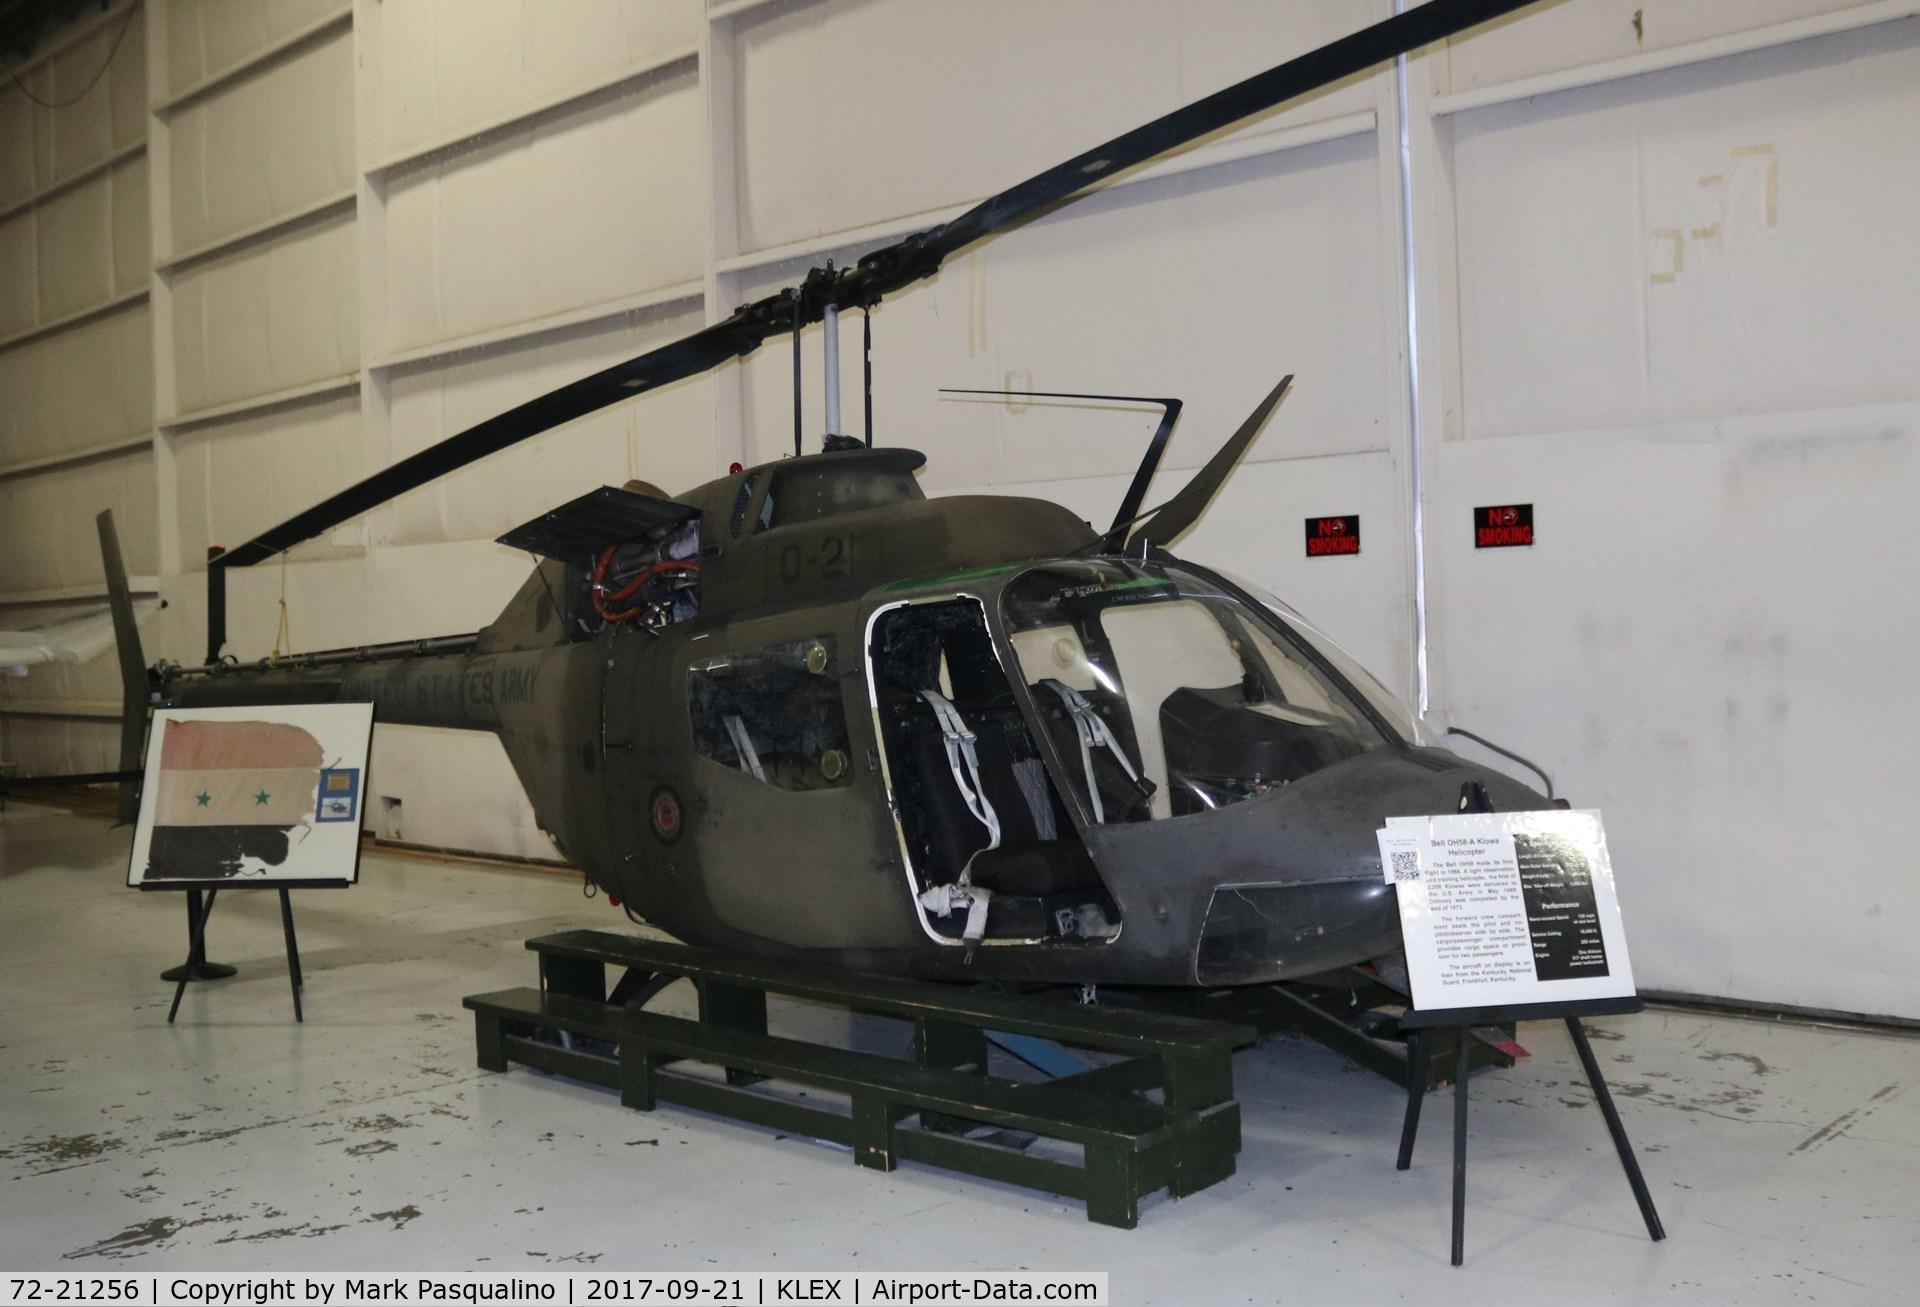 72-21256, 1972 Bell OH-58A Kiowa C/N 41922, Bell OH-58A